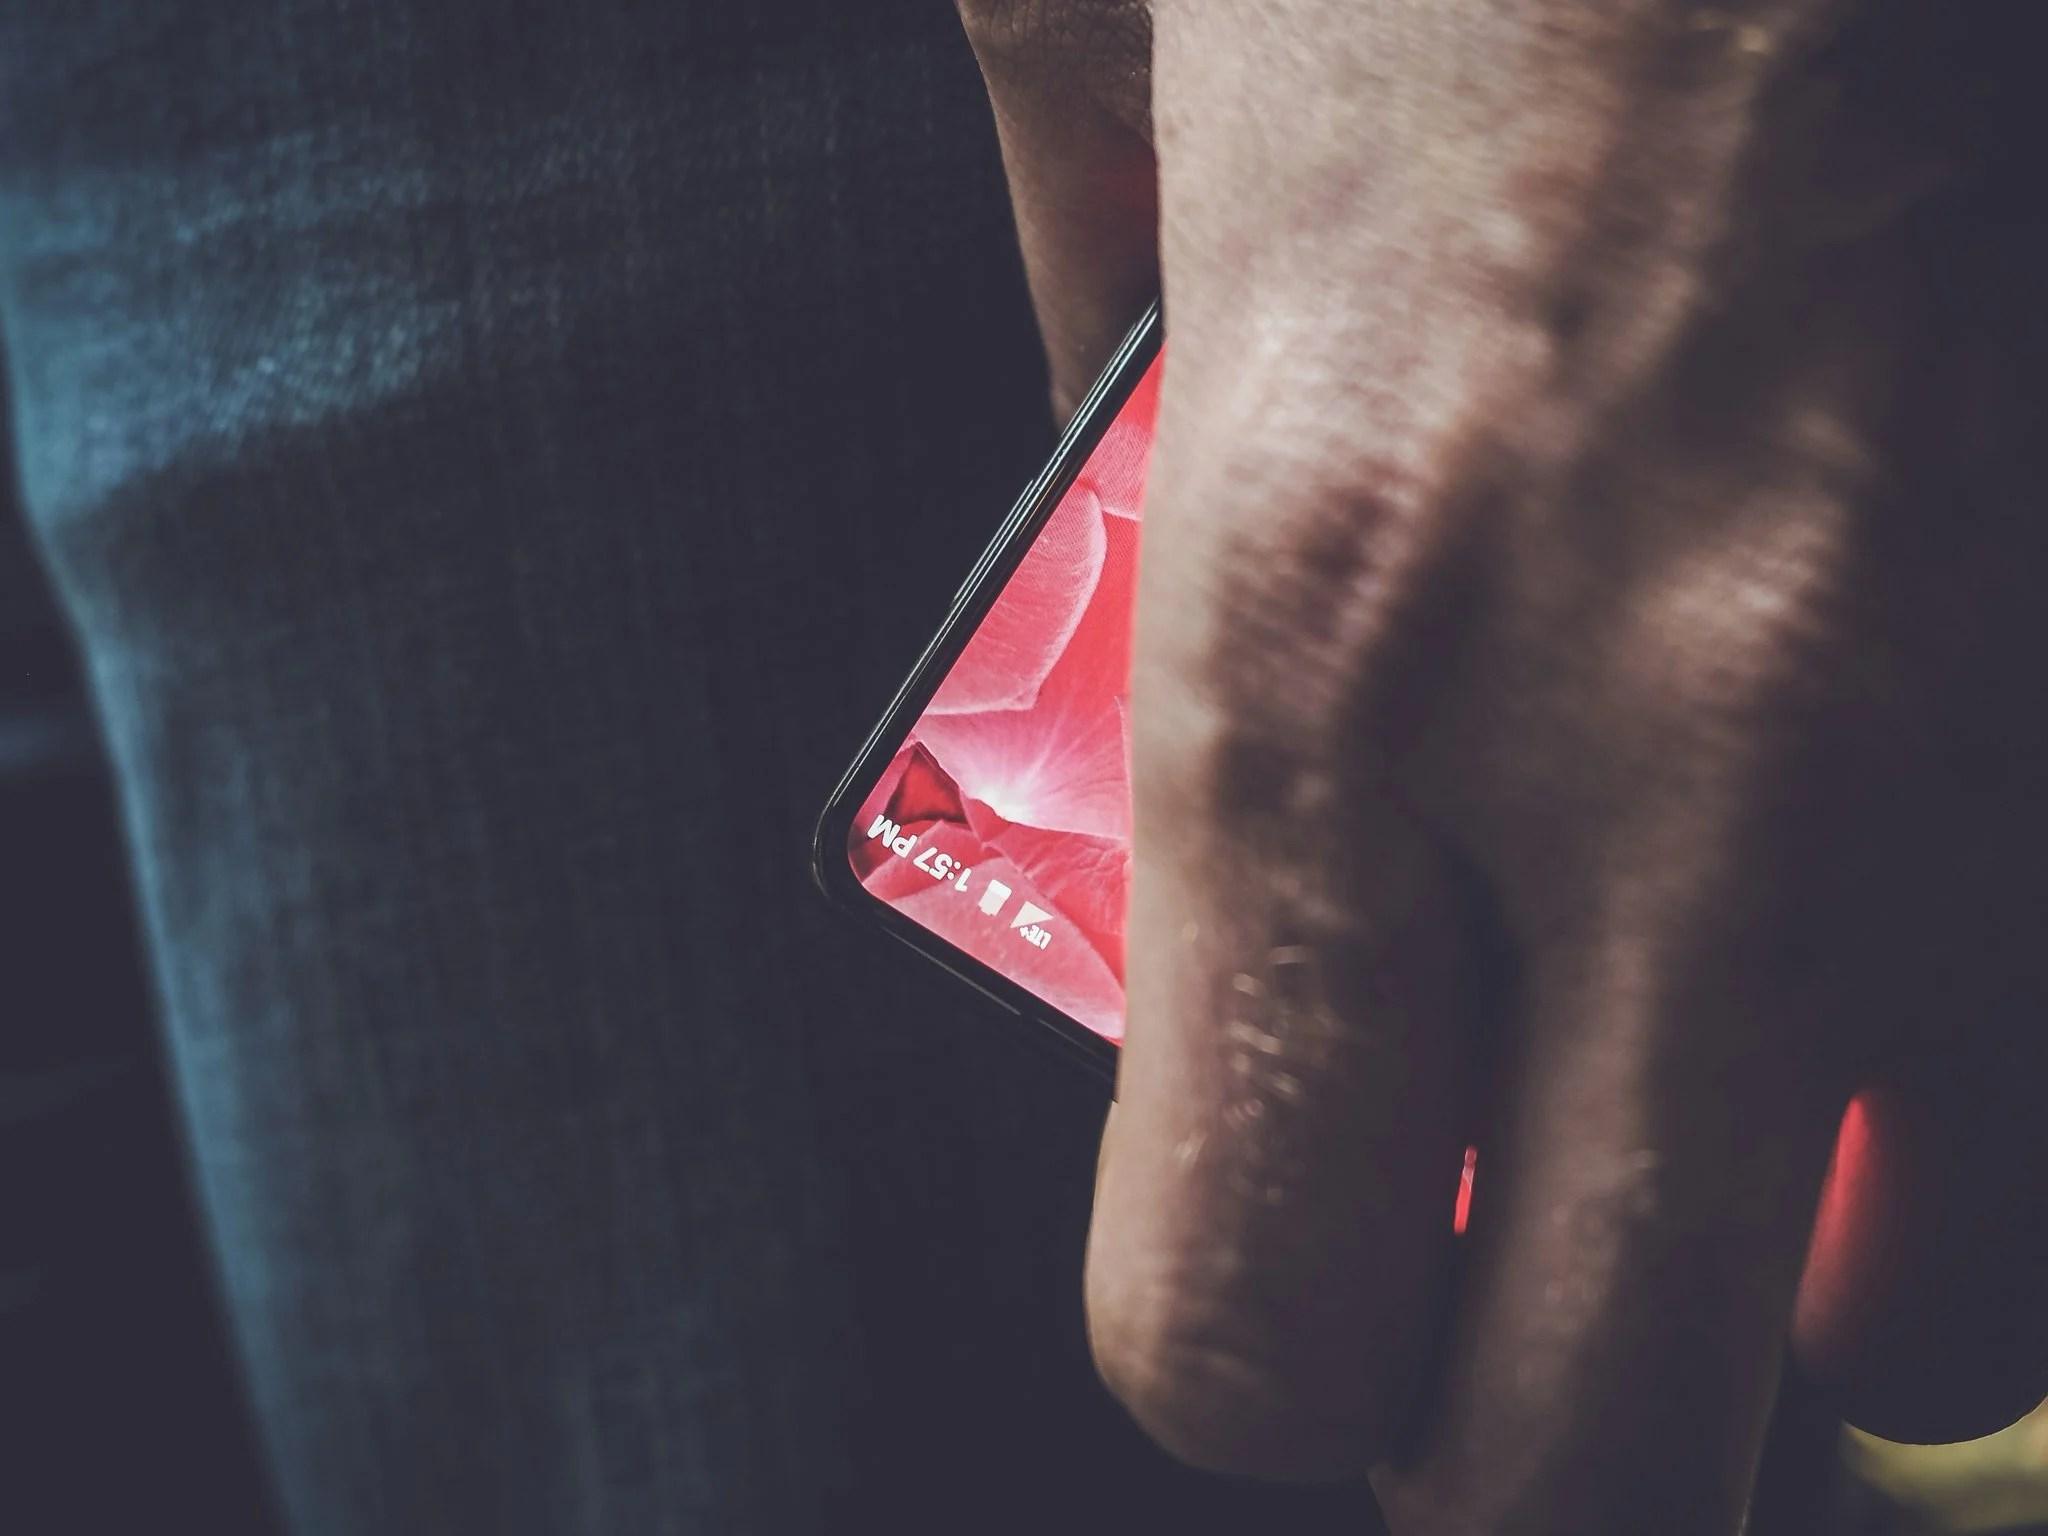 Le smartphone Essential d'Andy Rubin dévoile des caractéristiques alléchantes